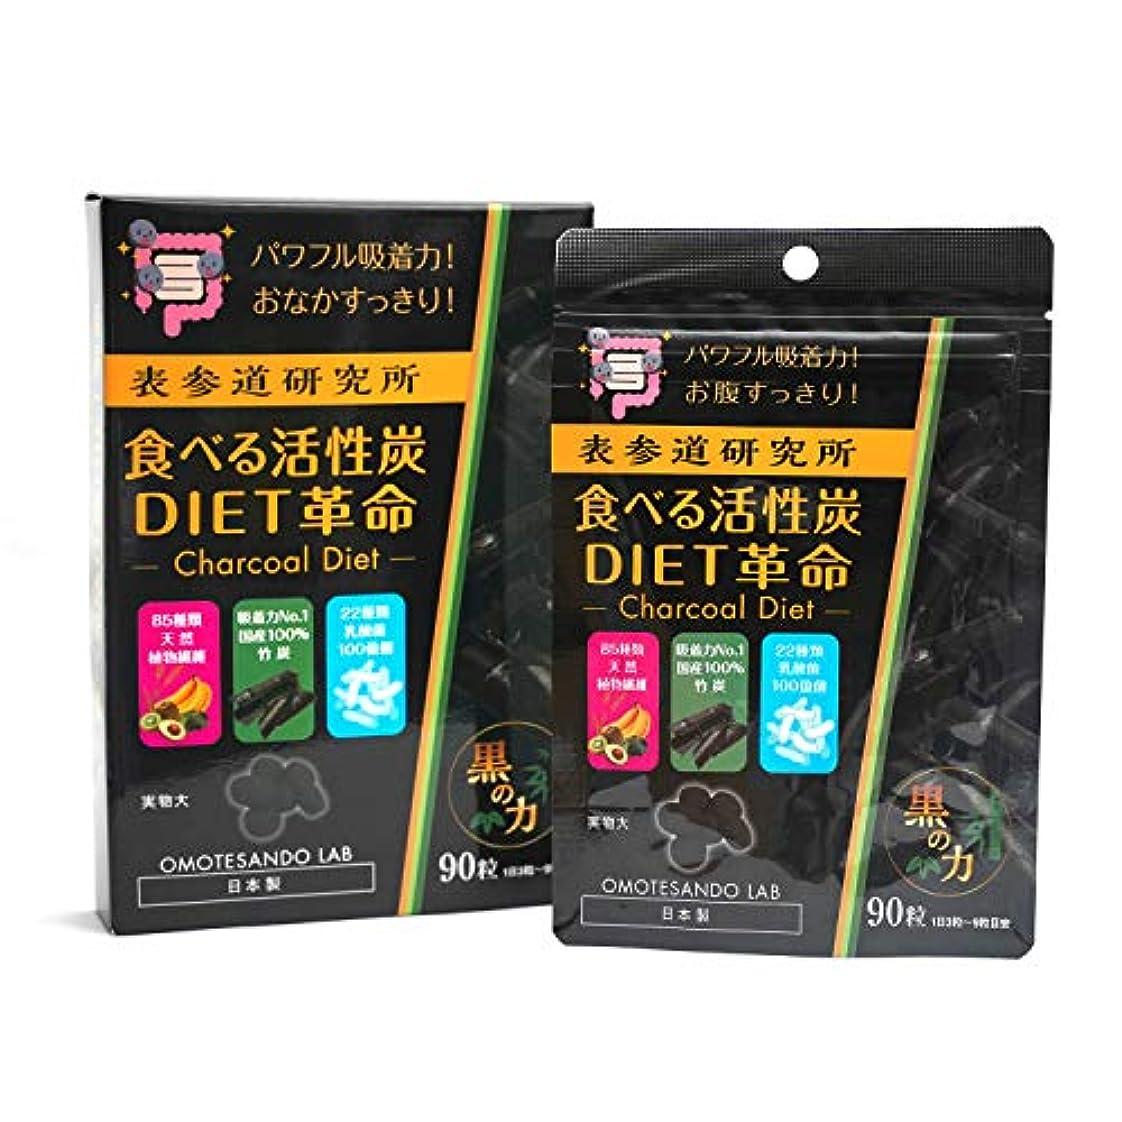 クリアインカ帝国滑り台食べる活性炭DIET革命90粒 スペシャル5個セット